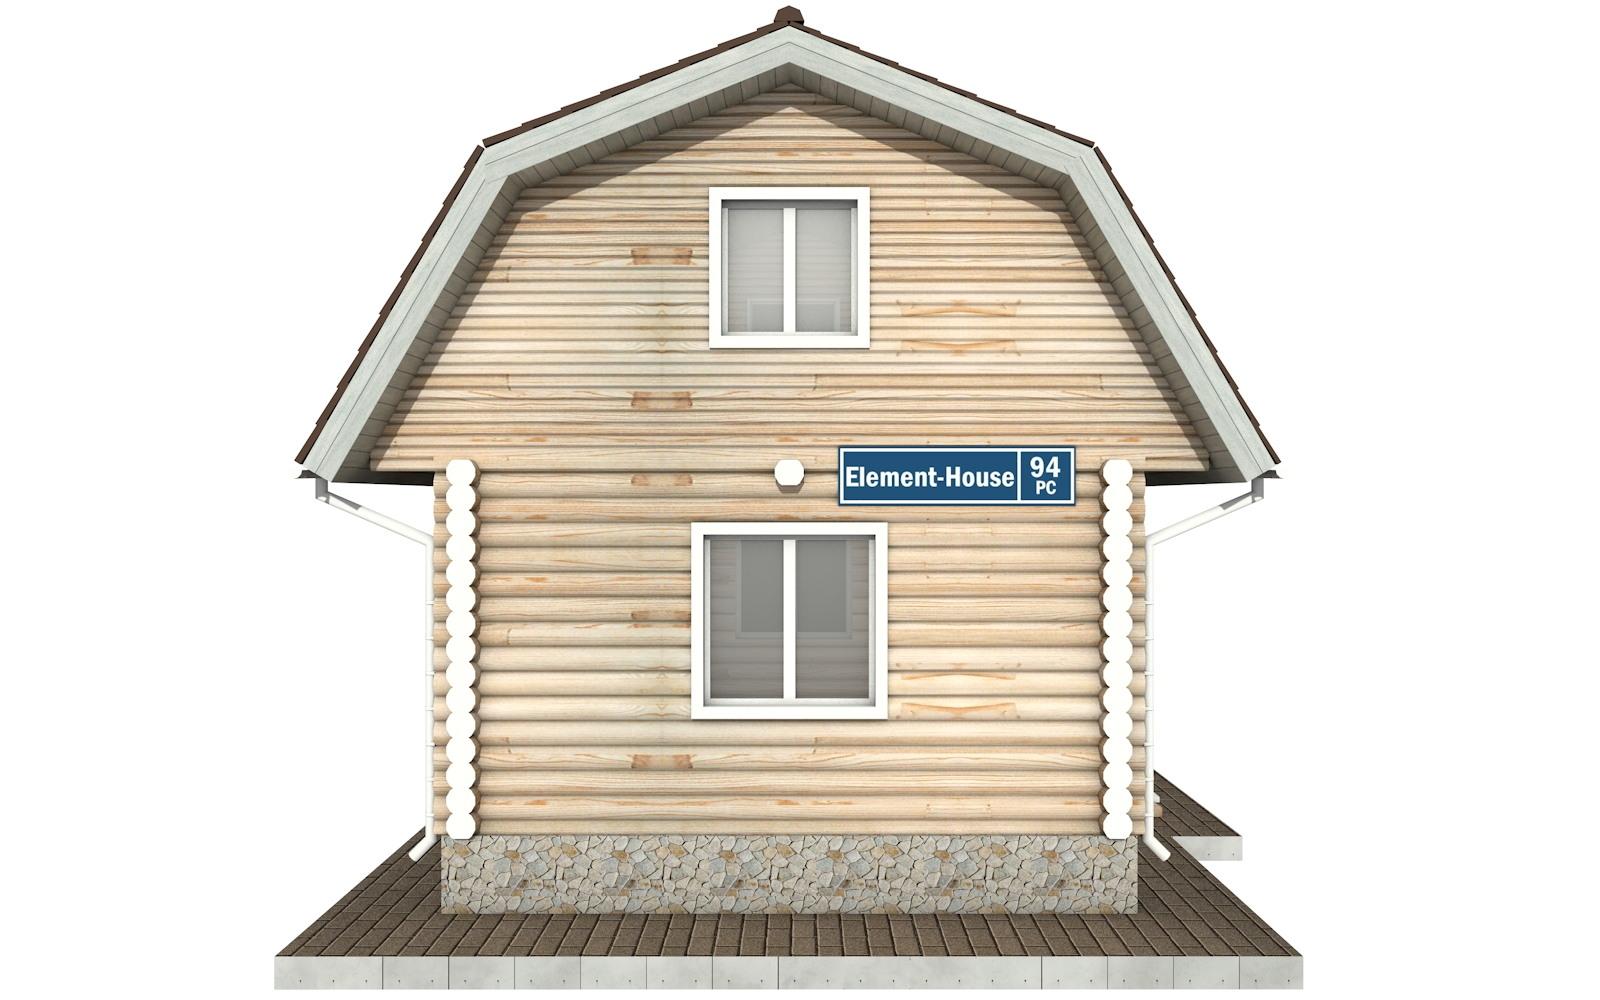 Фото #7: Красивый деревянный дом РС-94 из бревна